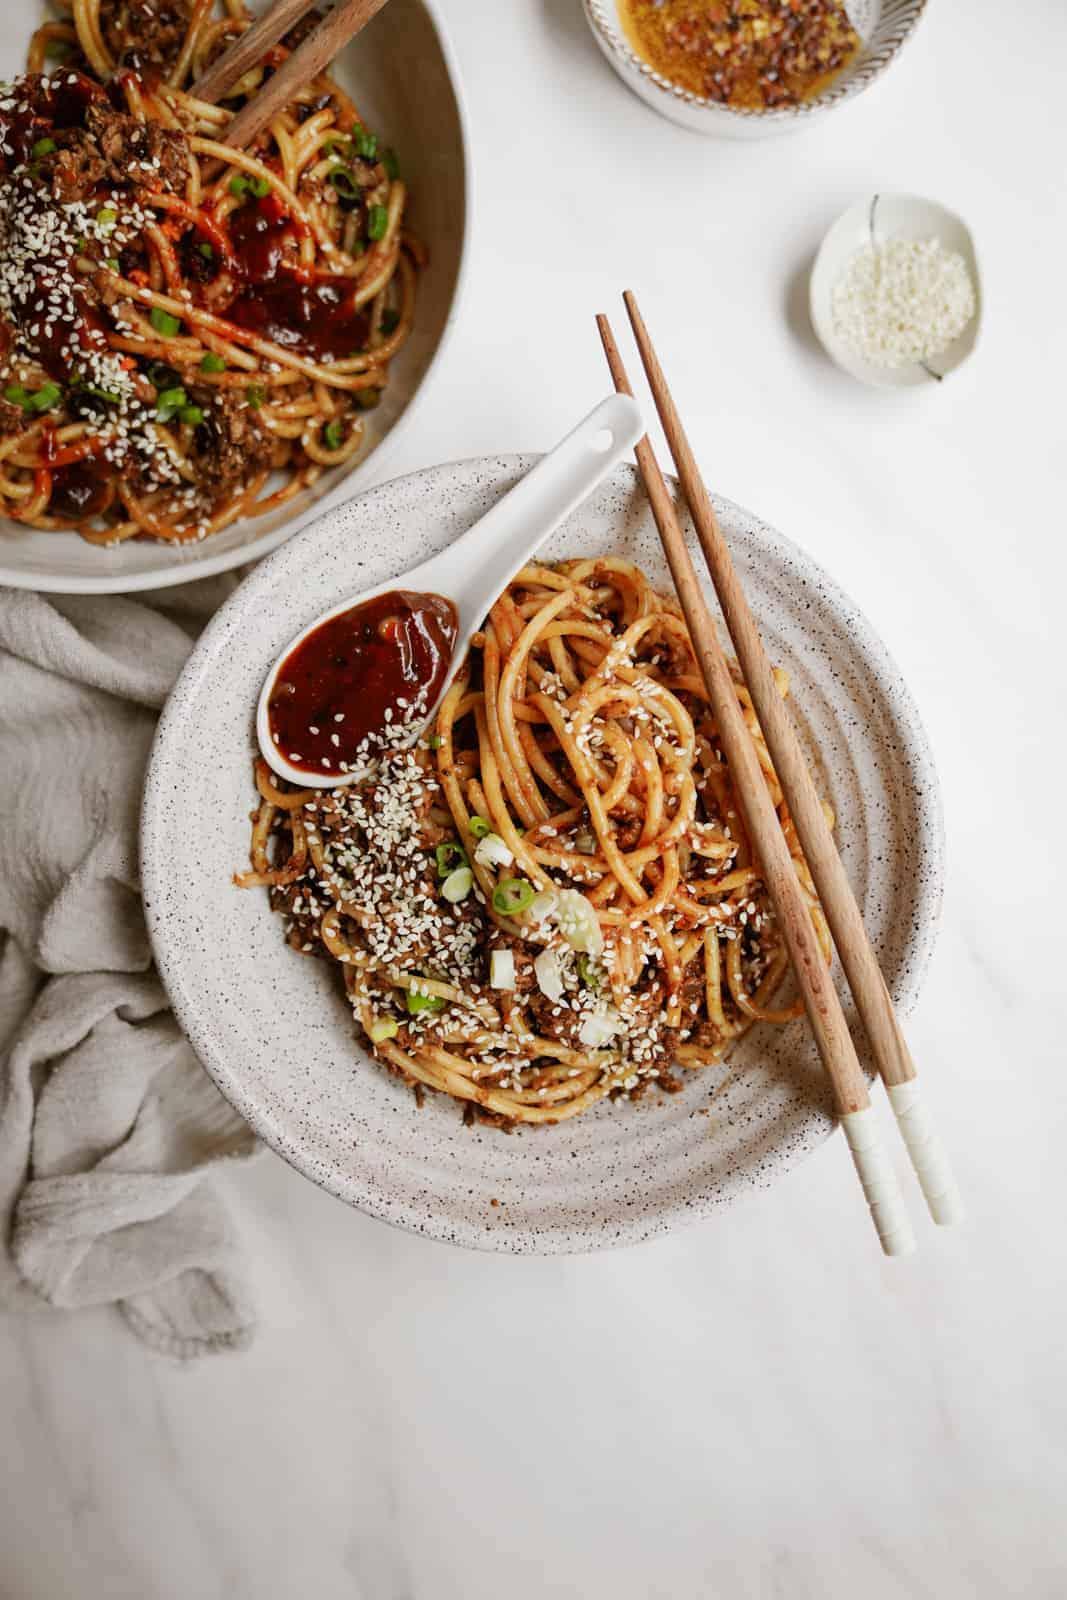 Vegan dan dan noodles in a white bowl with chopsticks.